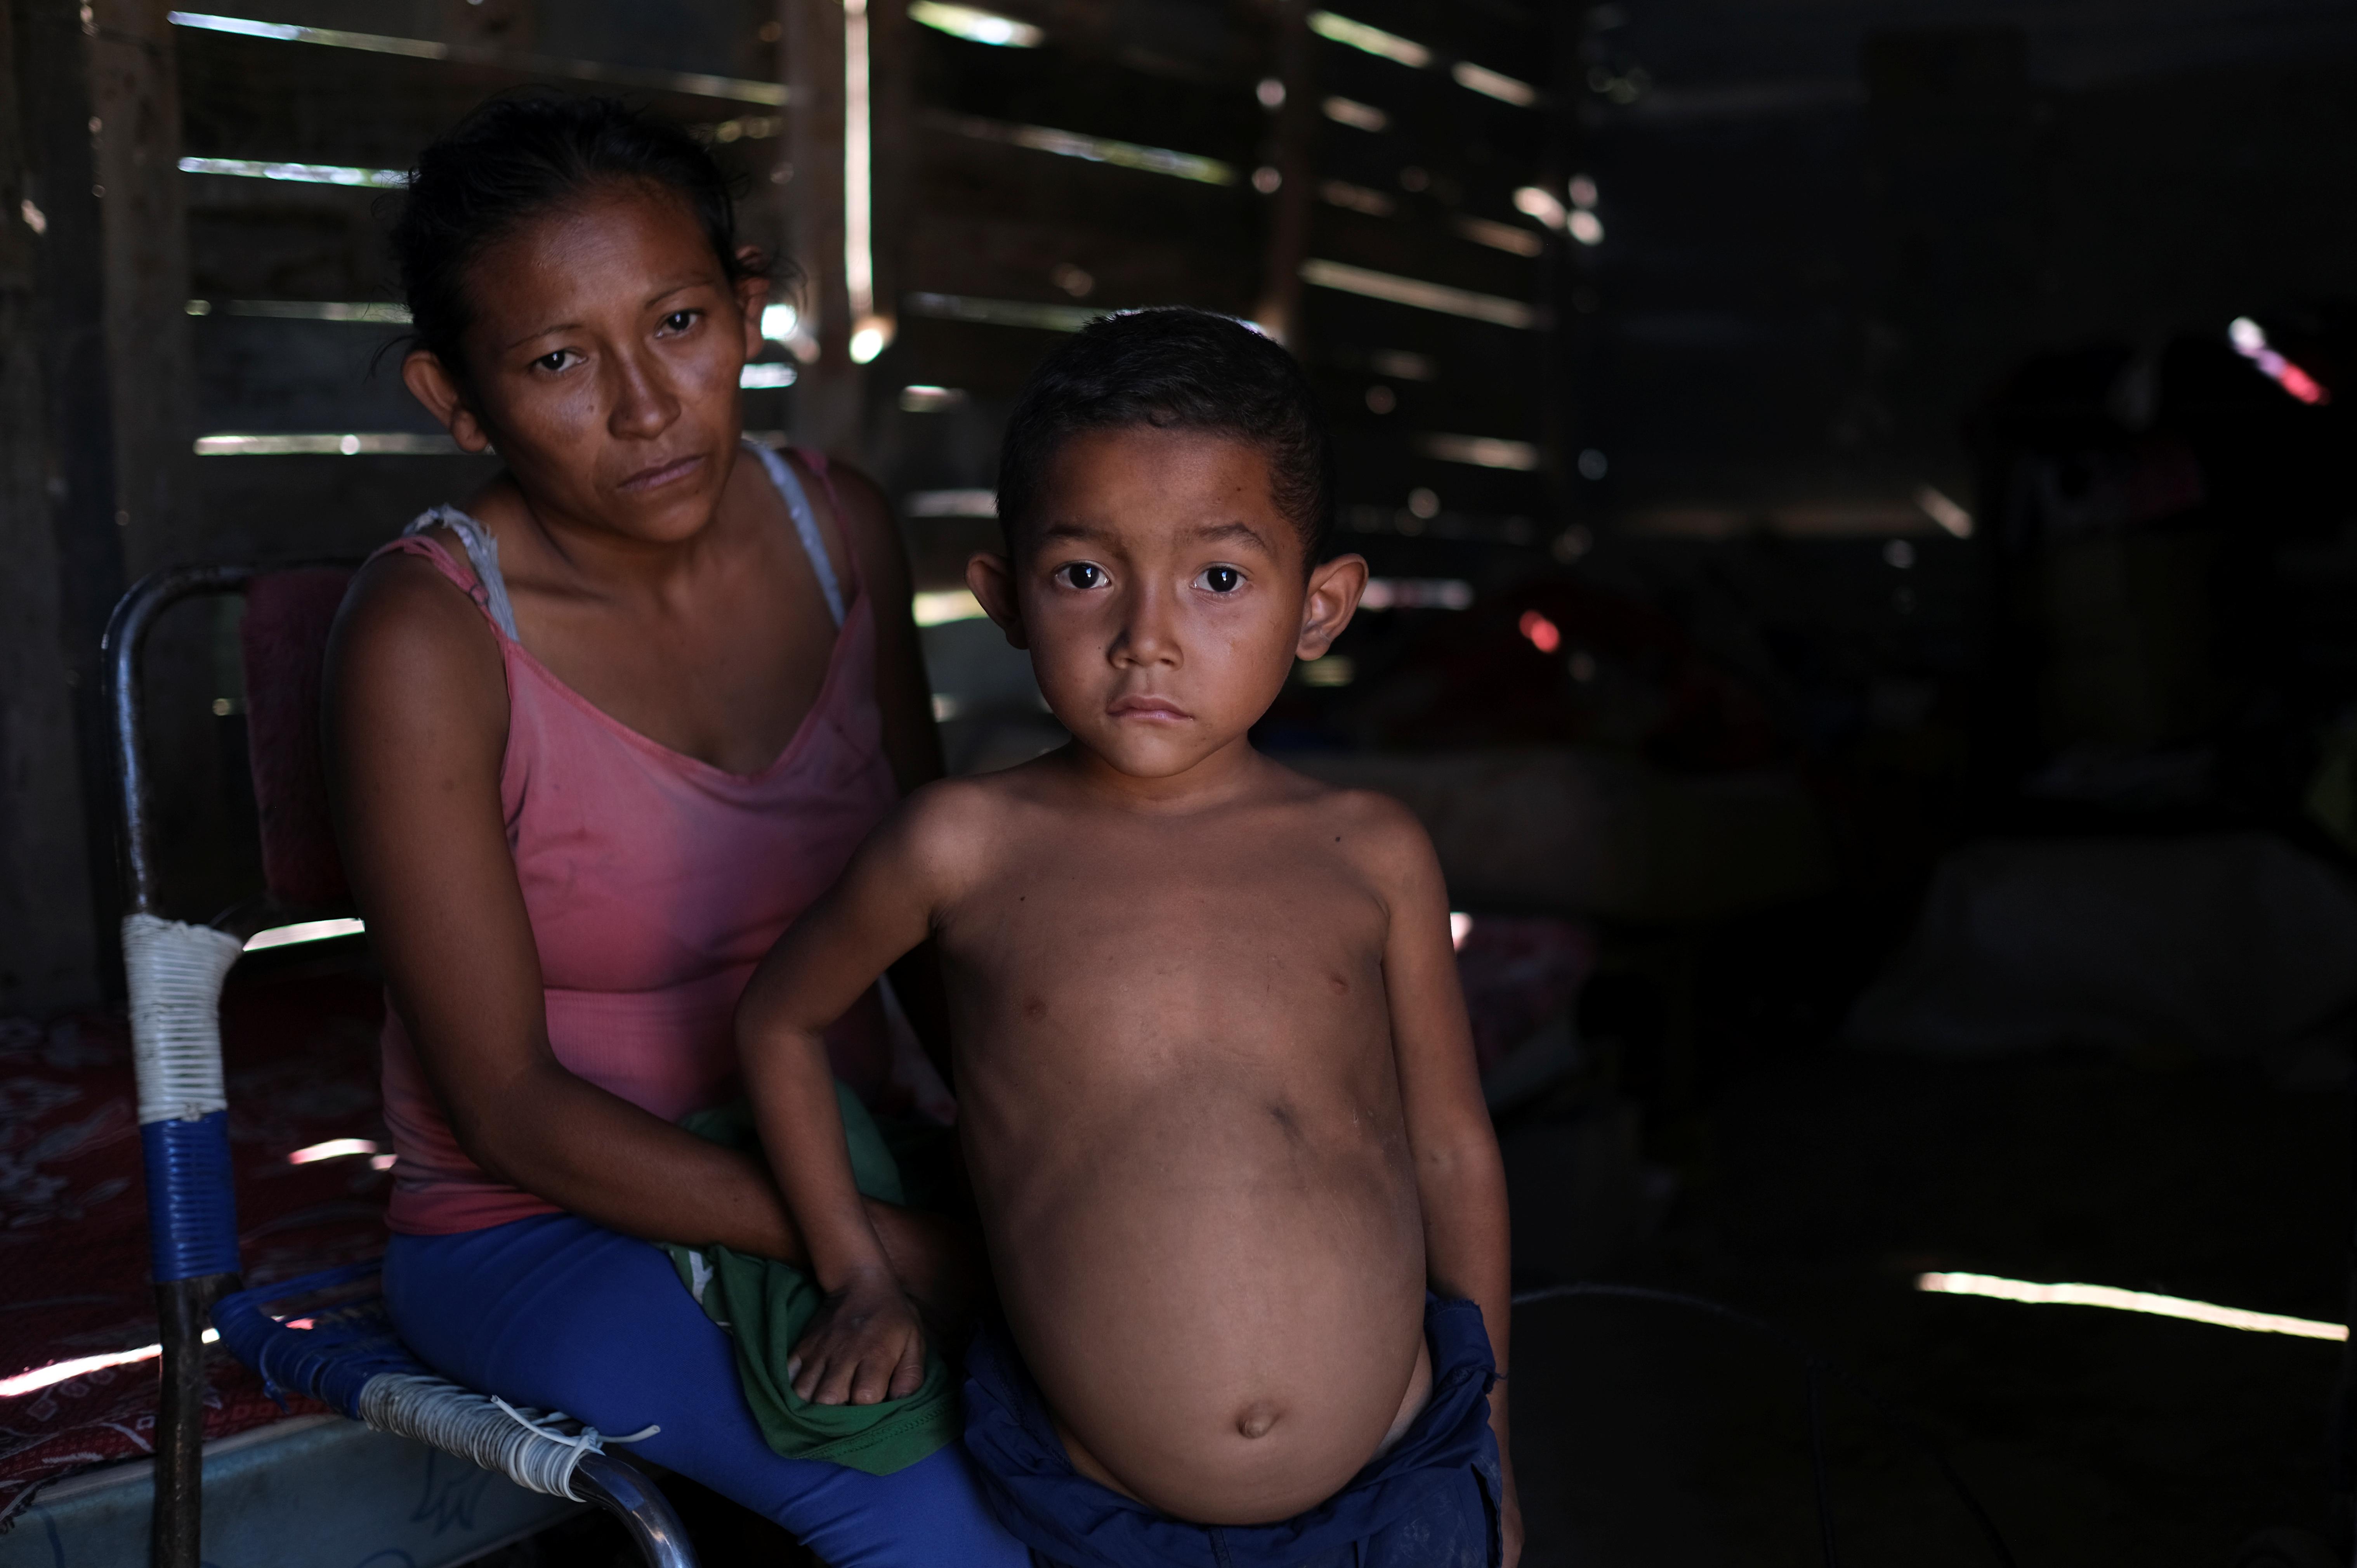 Rosa Rojas y su hijo José María, de 6 años, quien según ella tiene bajo peso para su edad y ha sido diagnosticado con desnutrición, posan para una foto en su casa en Barquisimeto (REUTERS/Carlos García Rawlins)